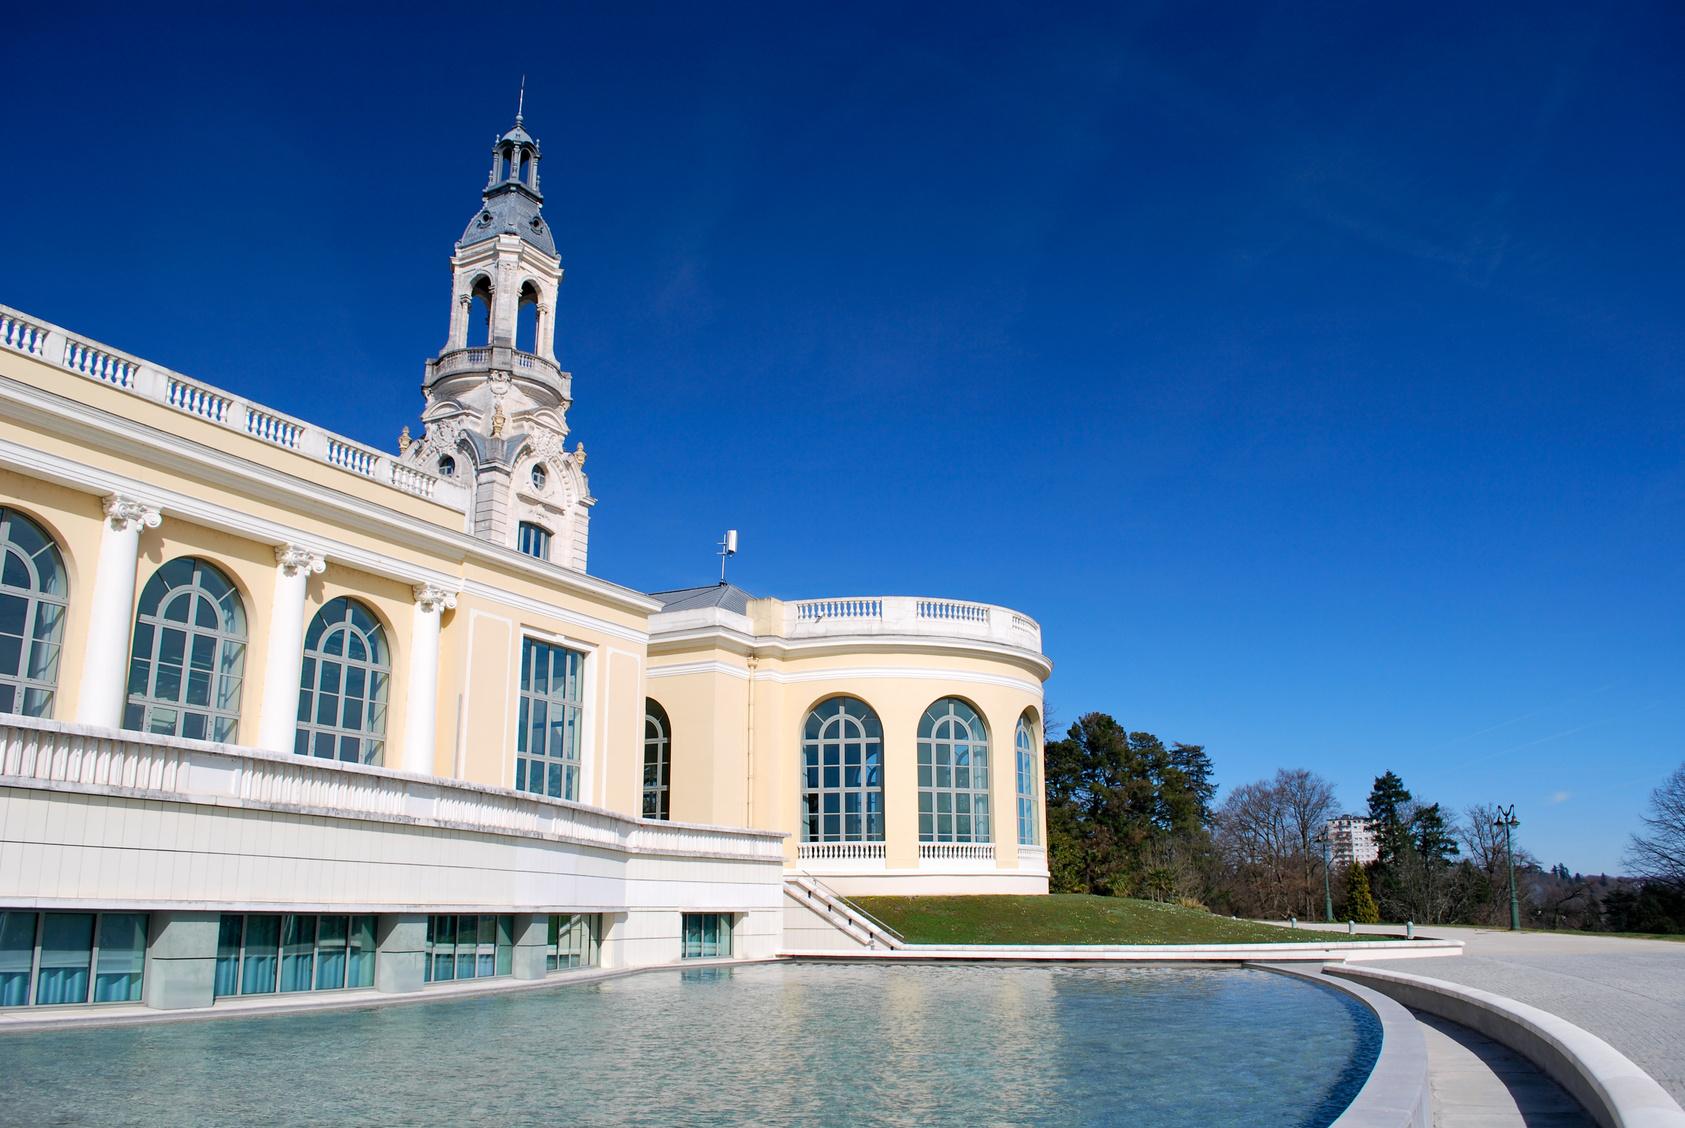 Ciel bleu et Palais Beaumont